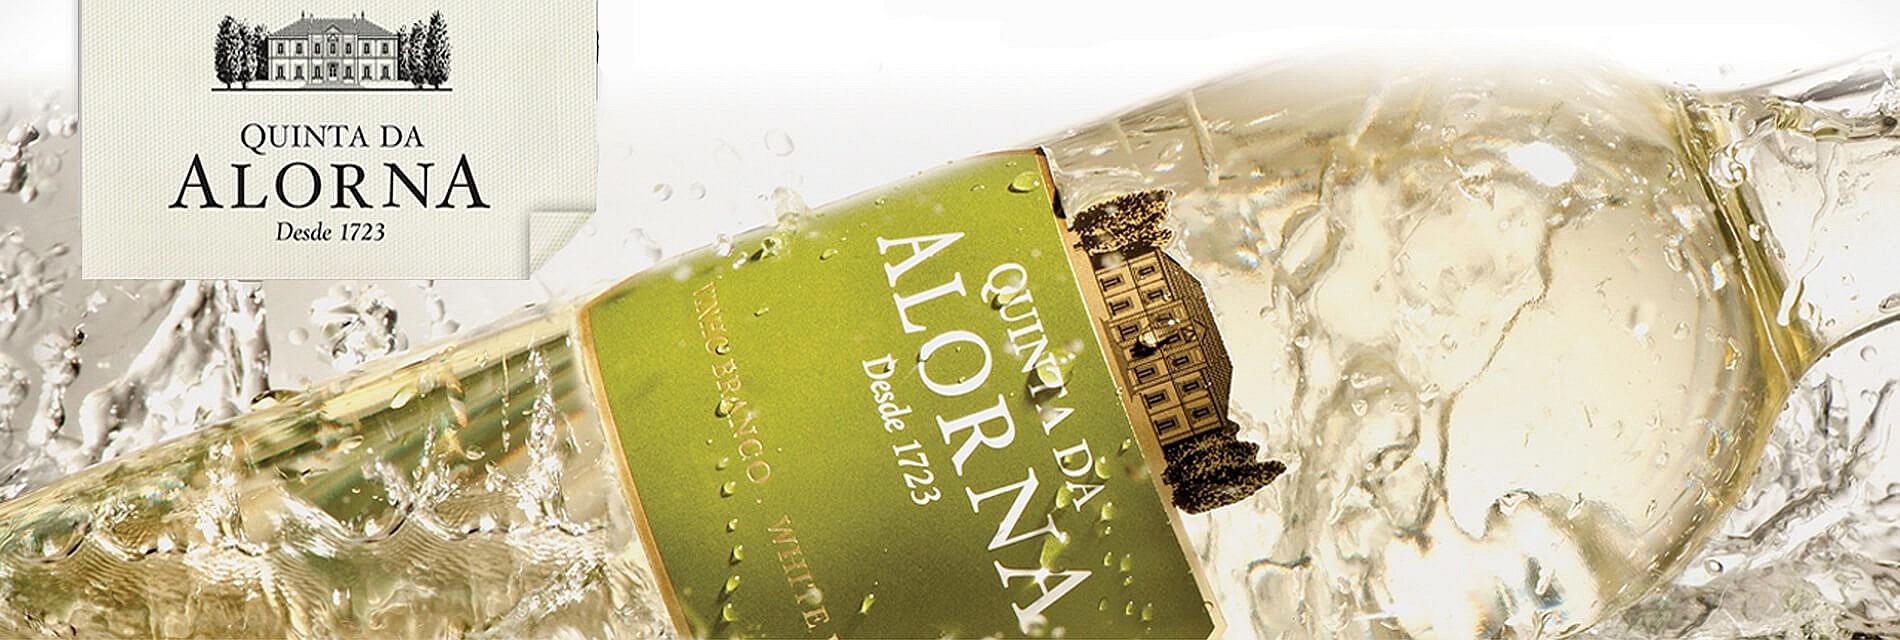 Wijn Quinta da Alorna